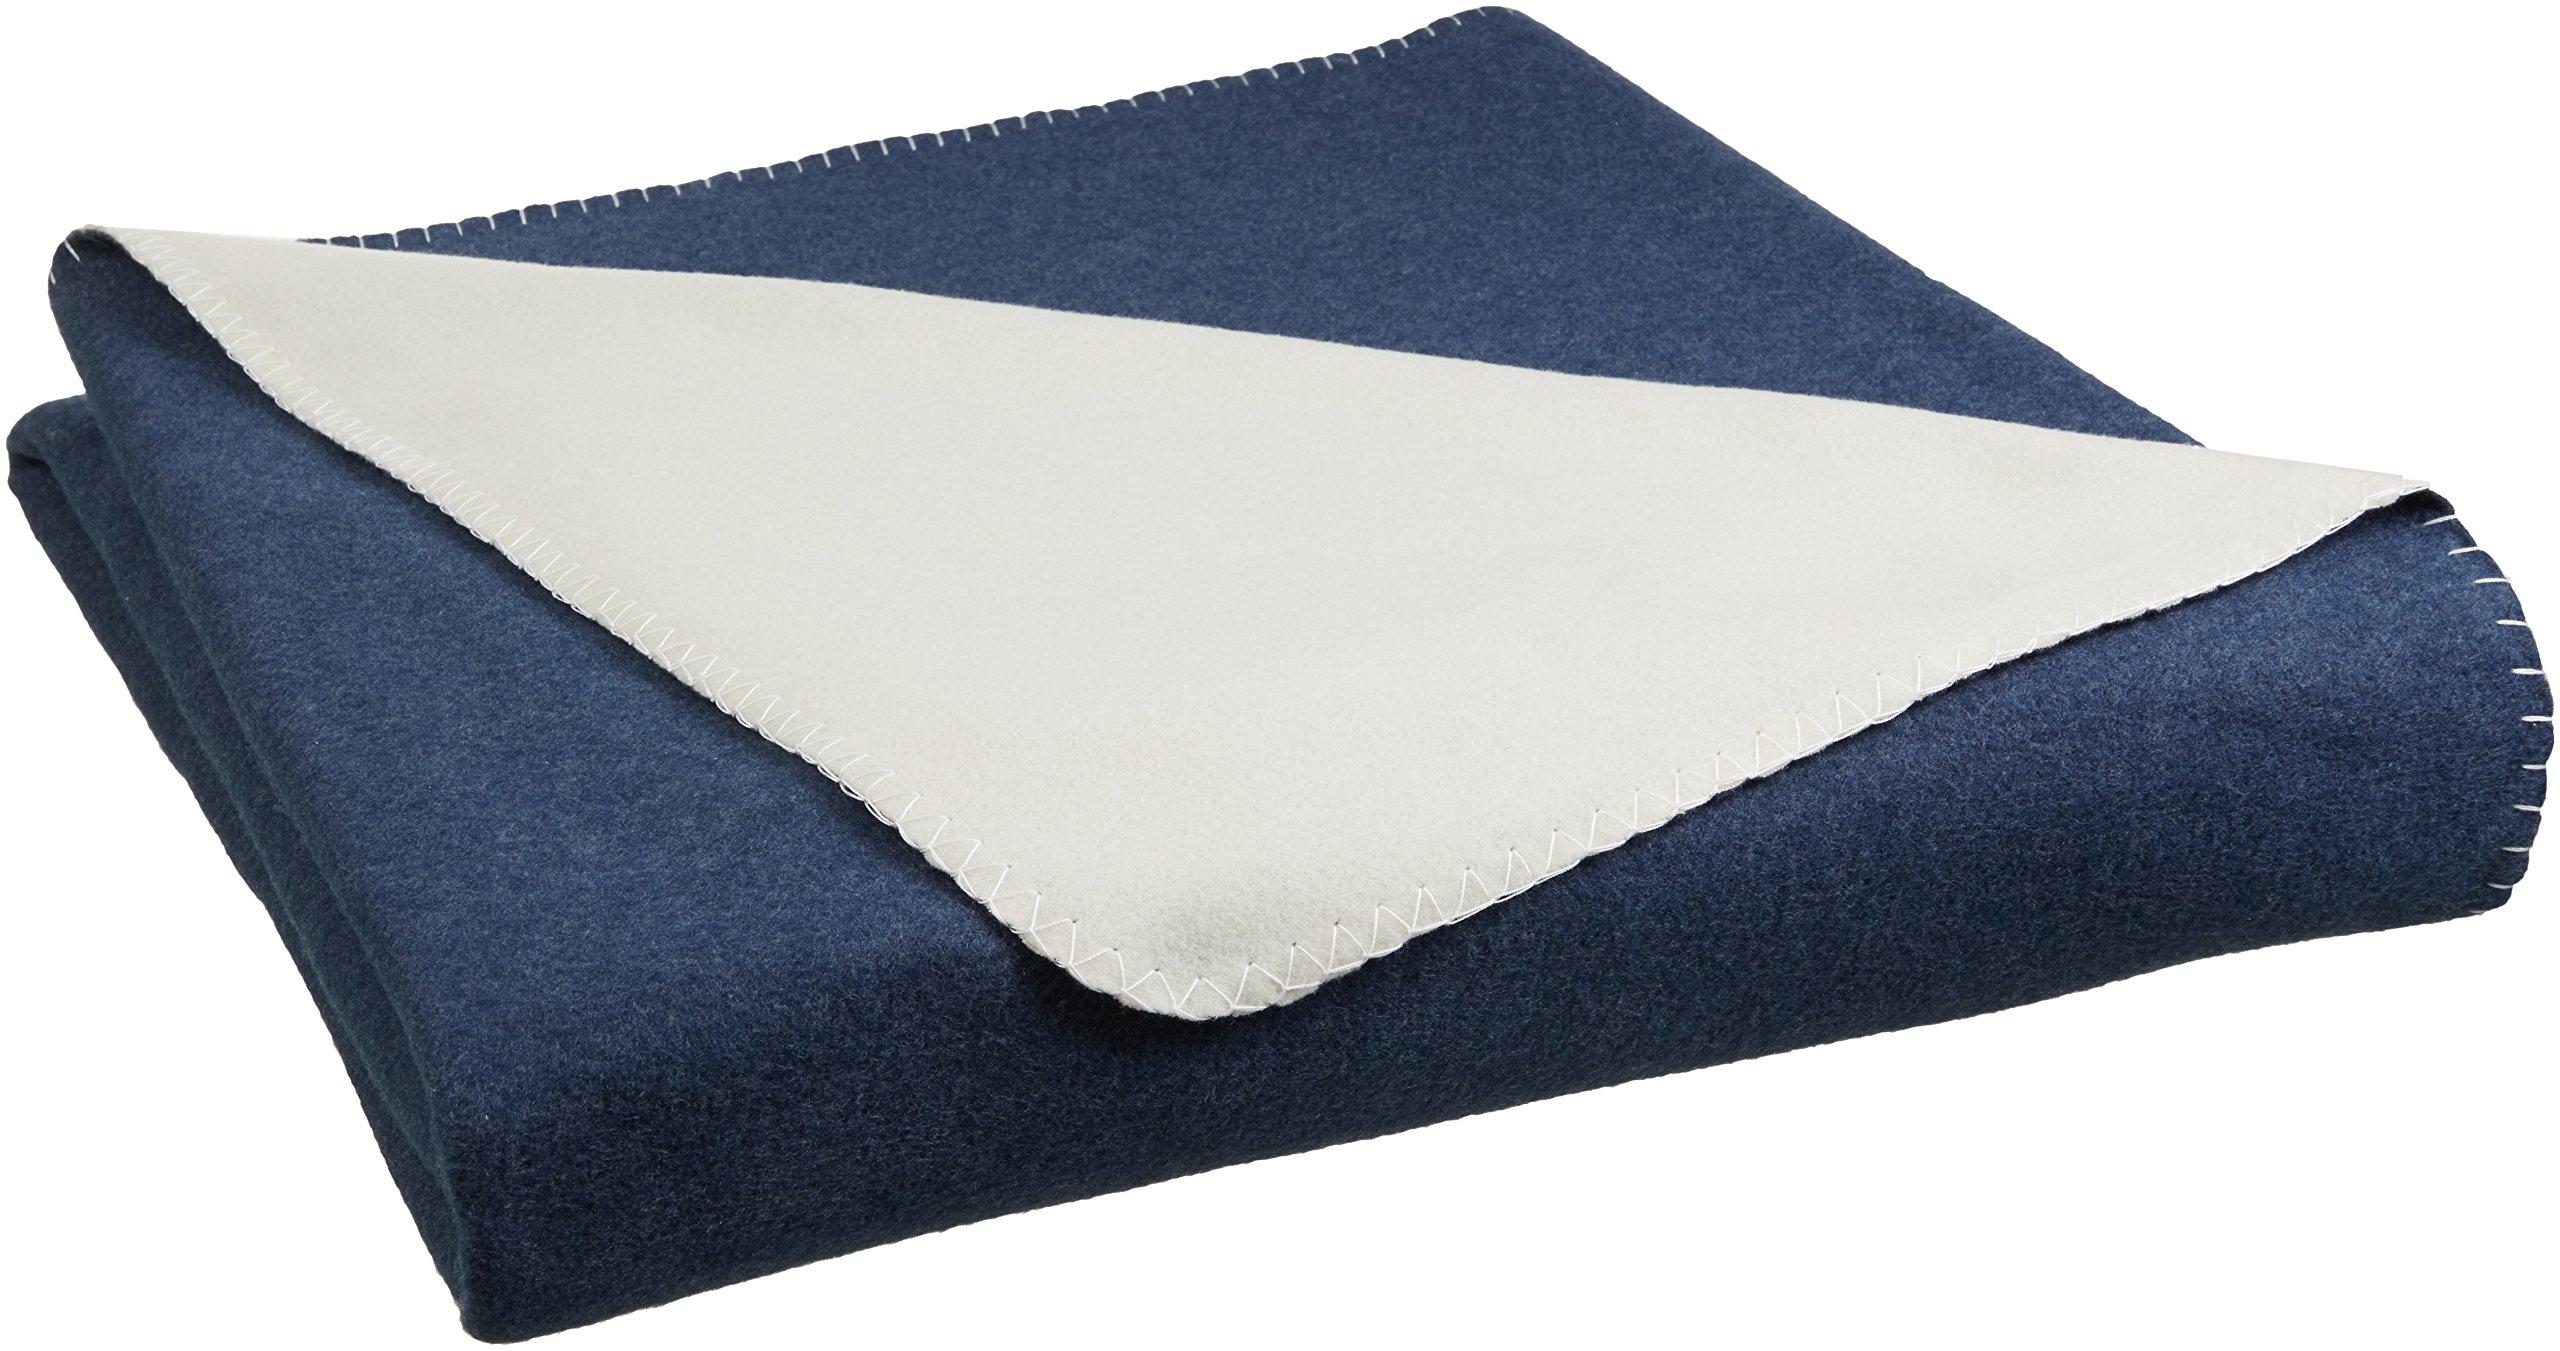 AmazonBasics Reversible Fleece Blanket - Full/Queen, Navy/Cream